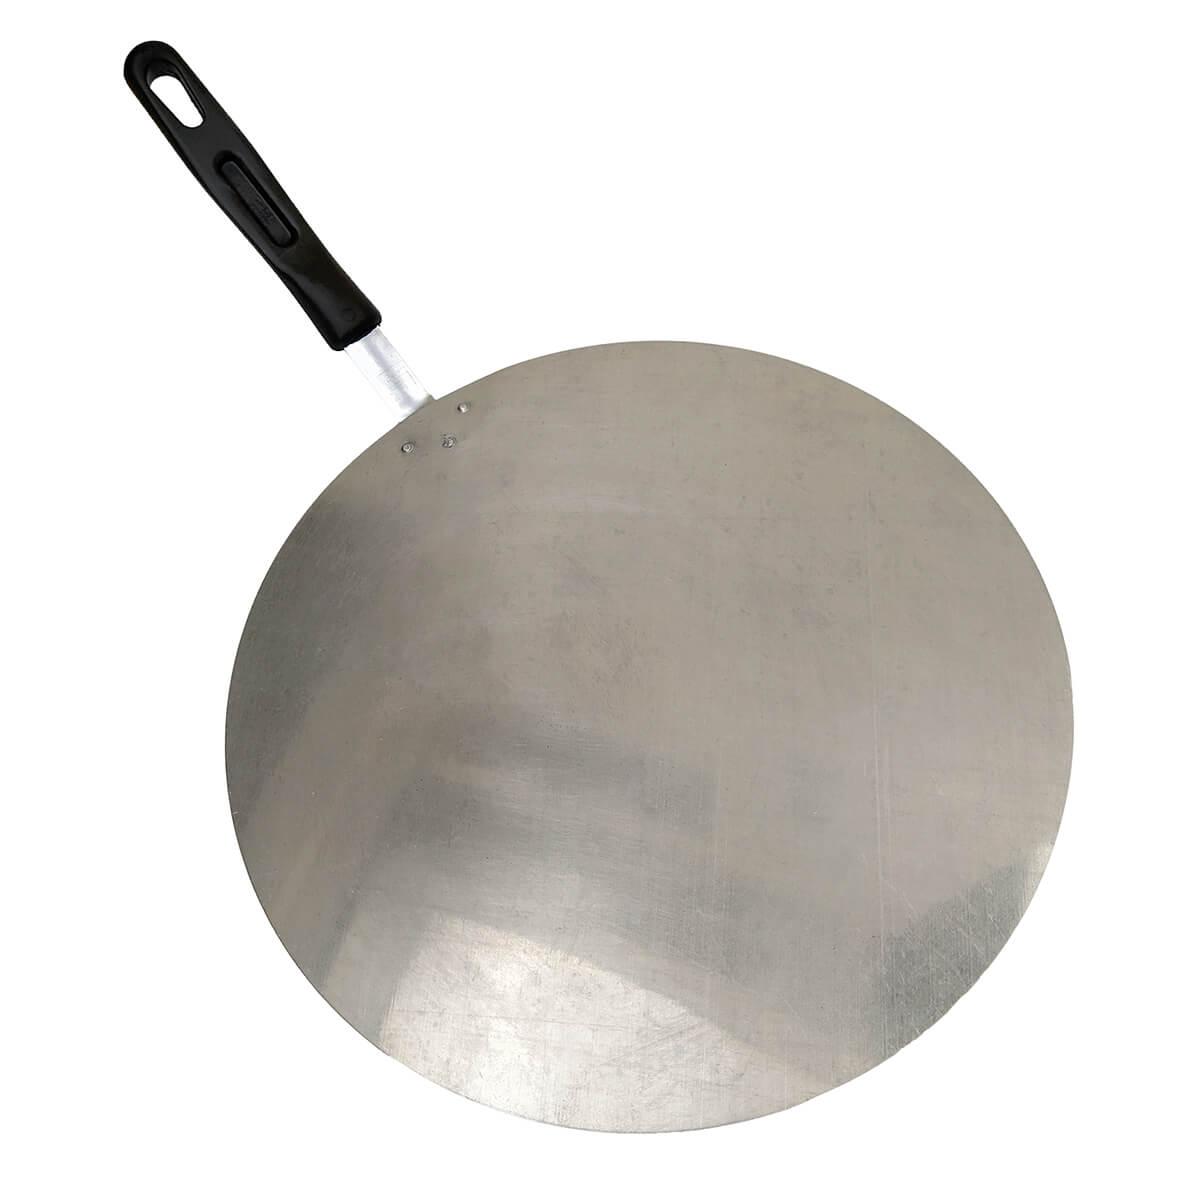 Pá de Pizza em Alumínio com cabo reforçado 35 cm